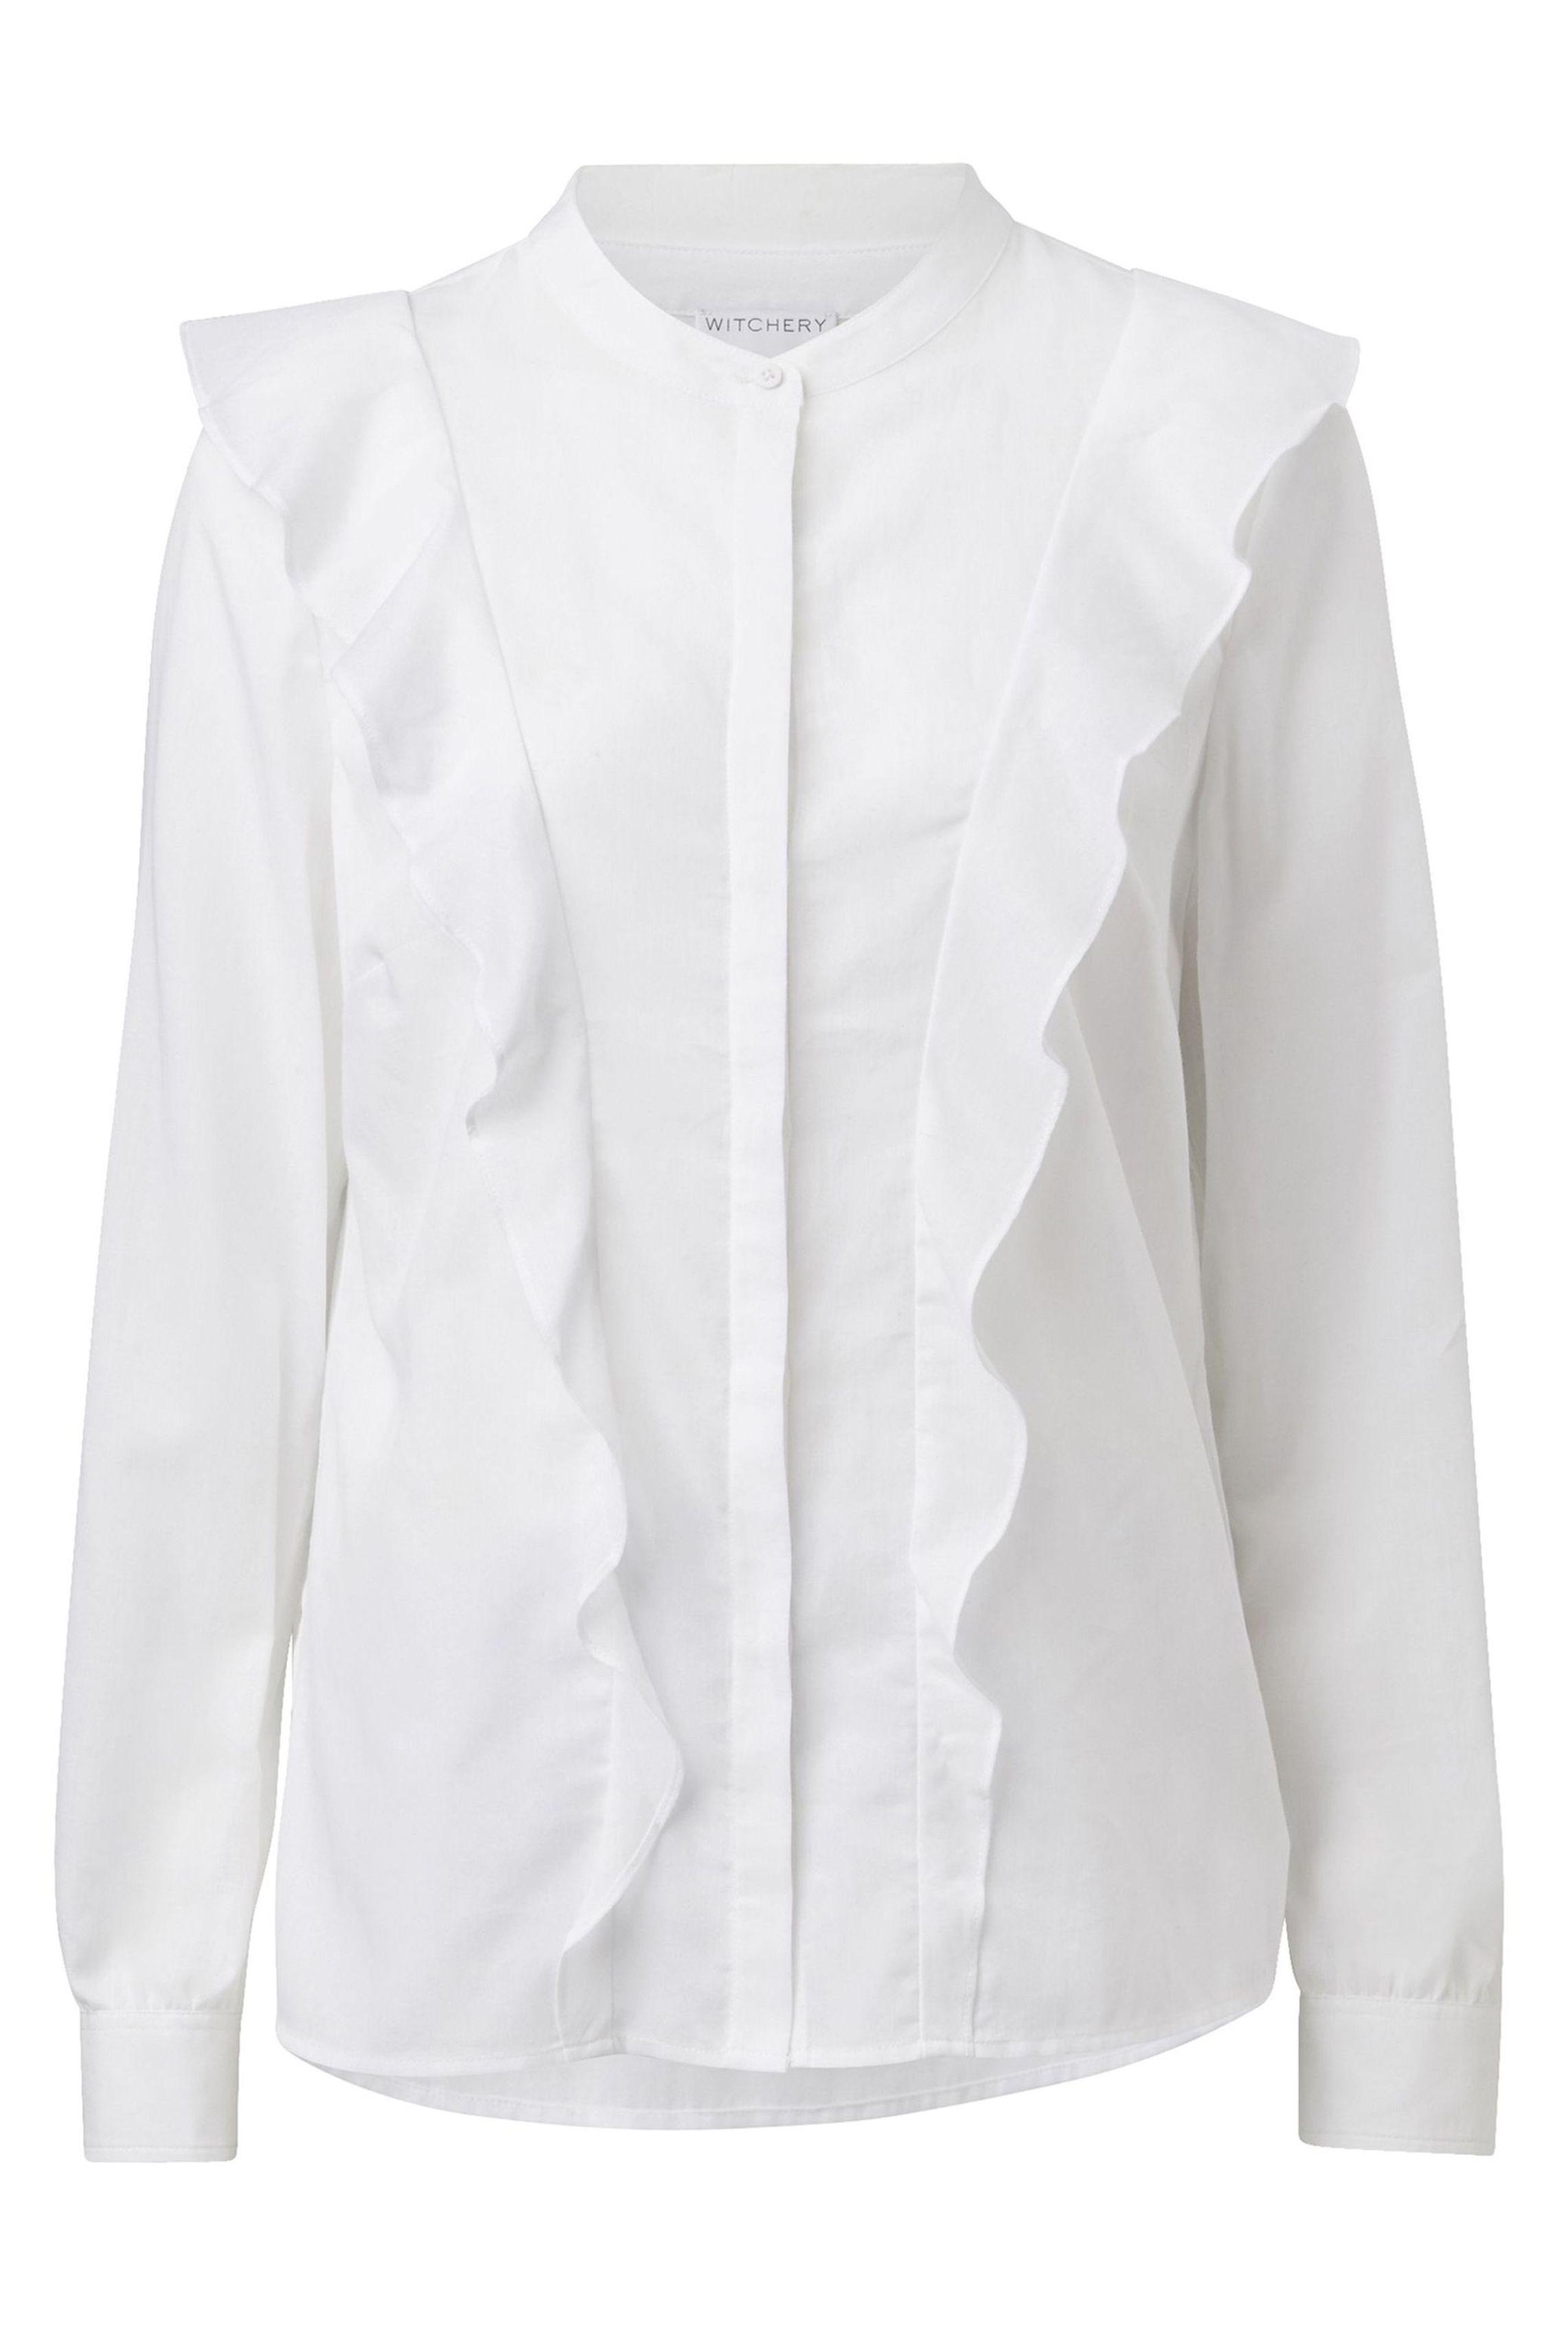 60212376_Witchery Downtown Ruffle Shirt, RRP$109.90